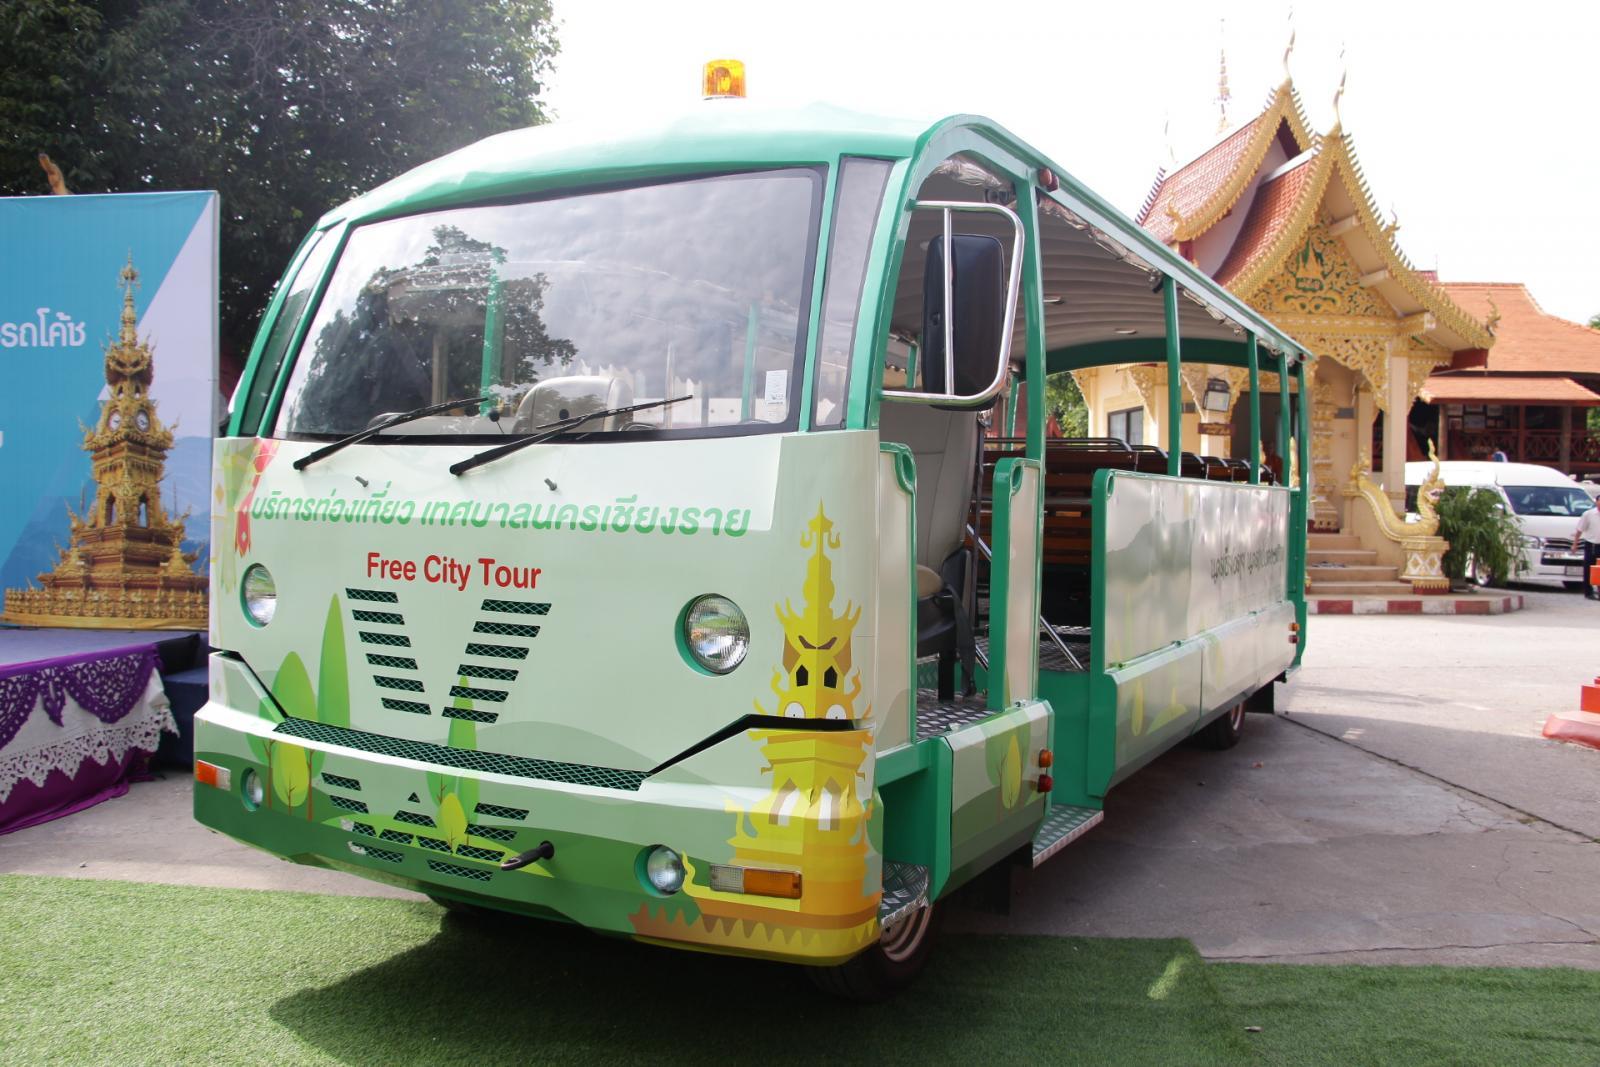 เปิดโครงการท่องเที่ยวโดยรถราง สัมผัสวิถีชุมชน thaihealth